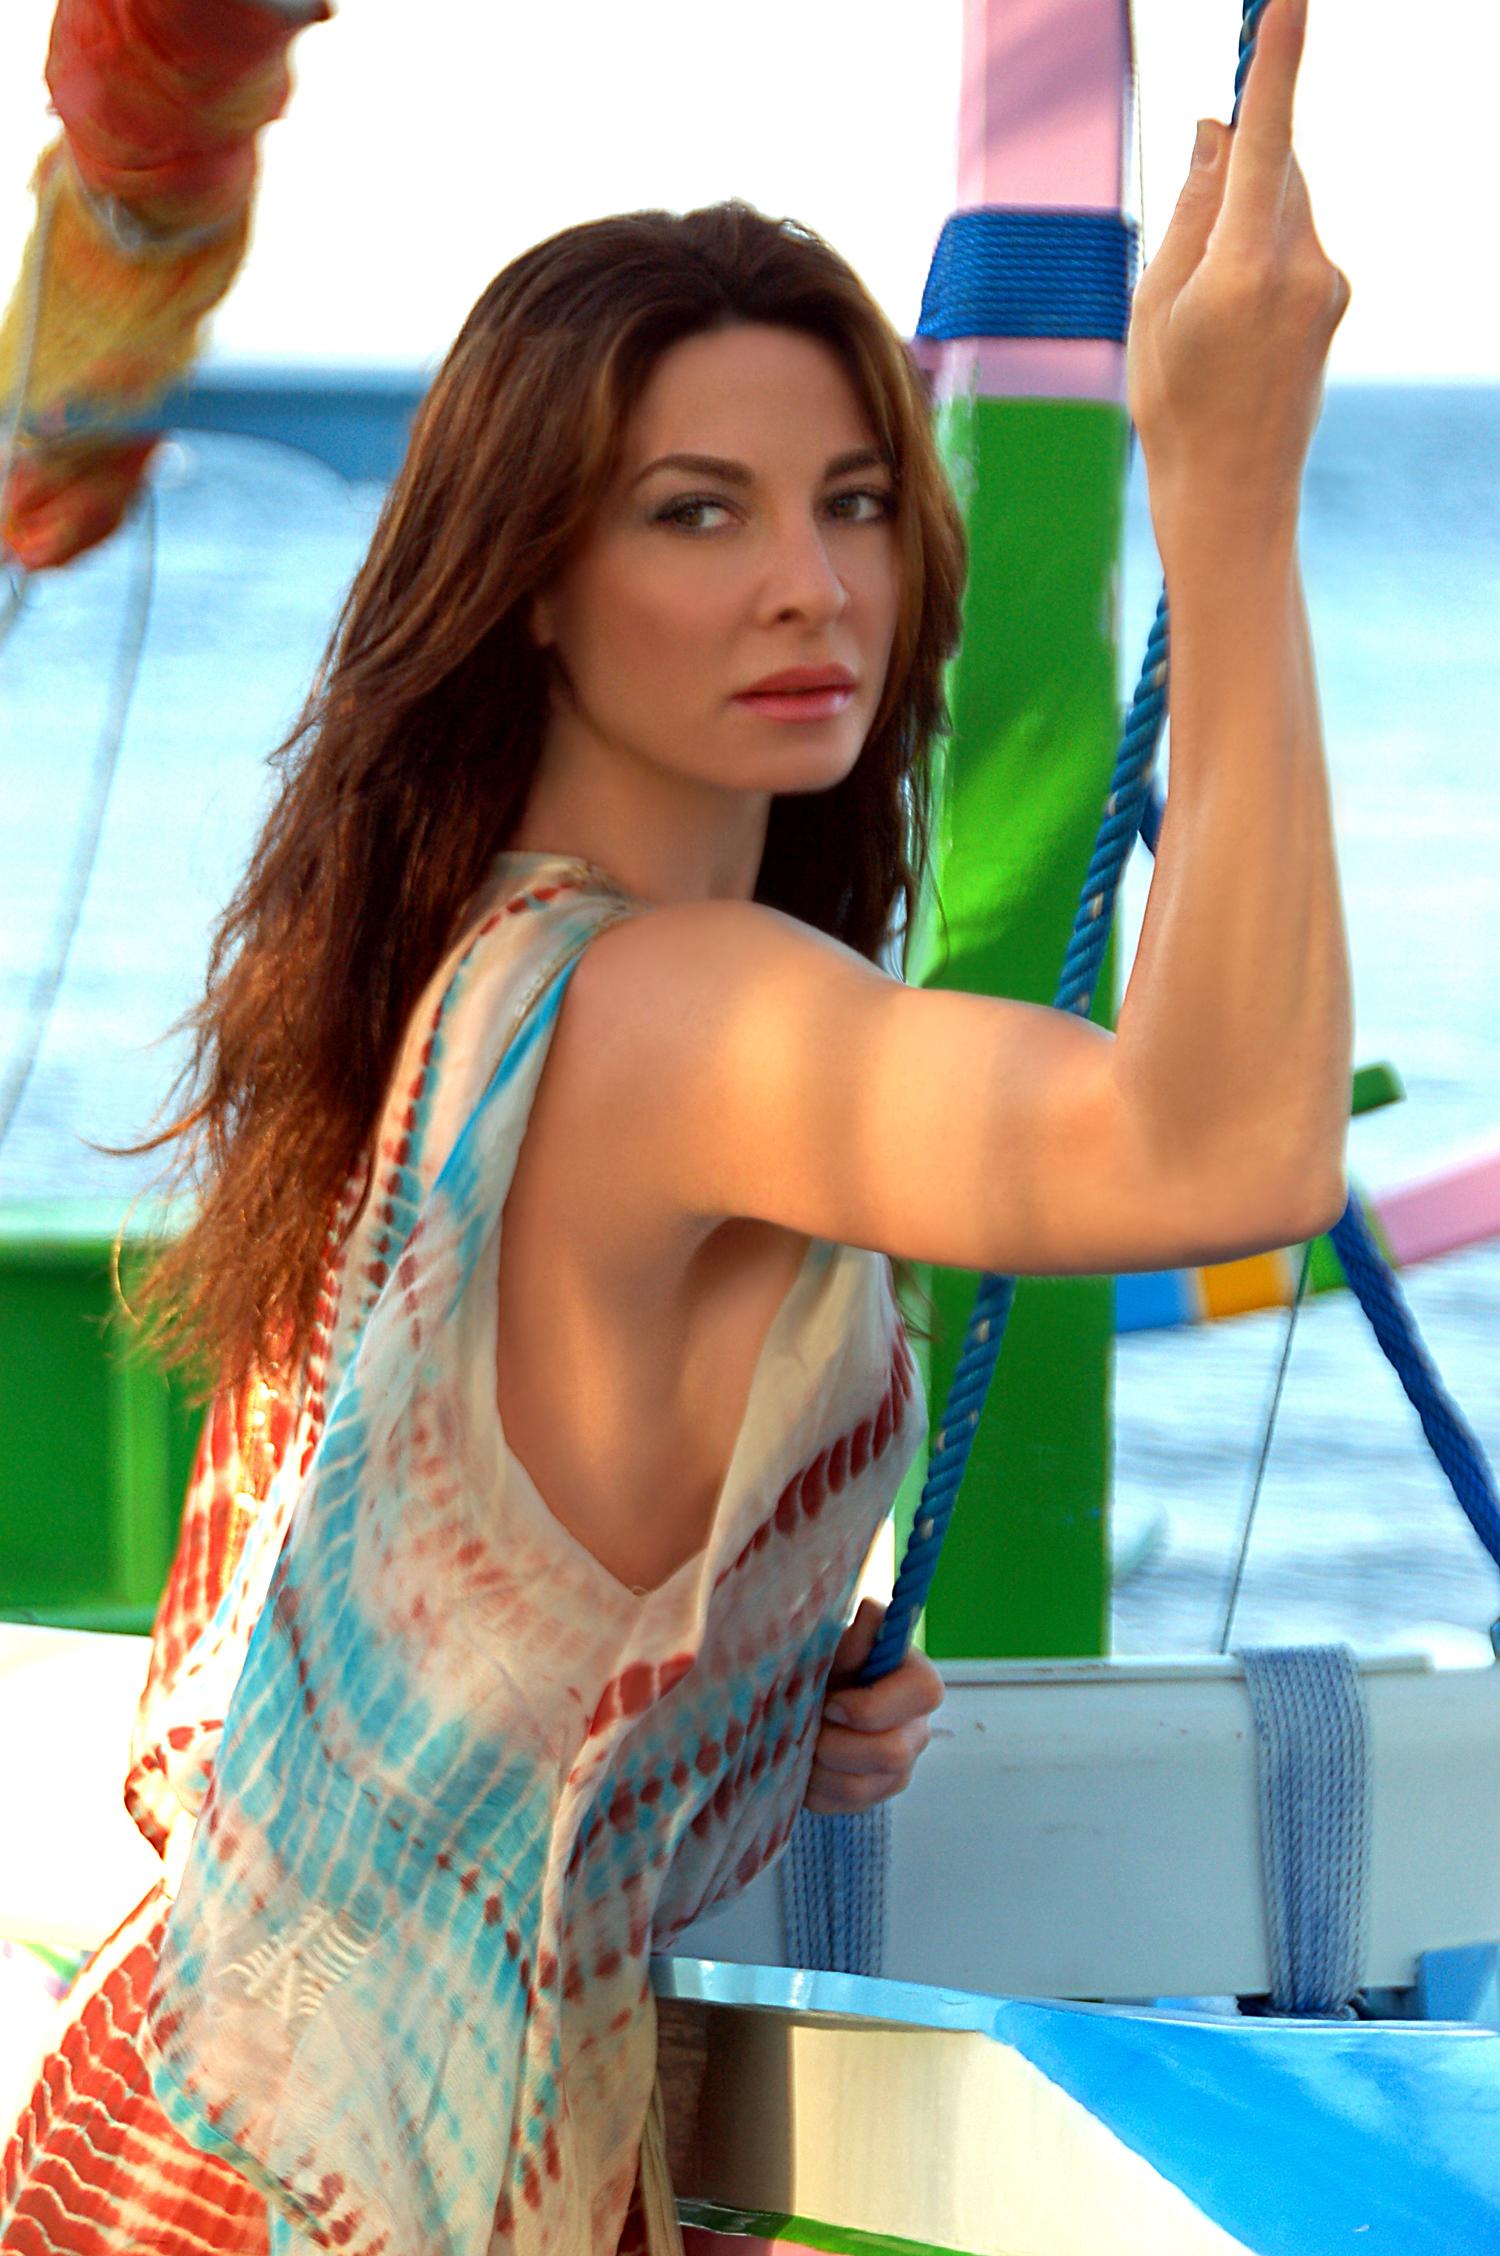 Mira_boat.jpg